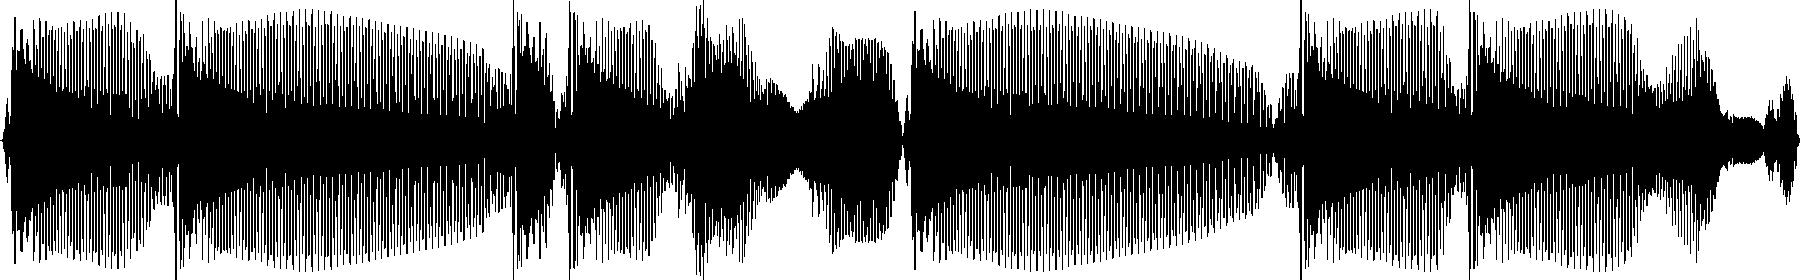 lc hz 140 bass 10